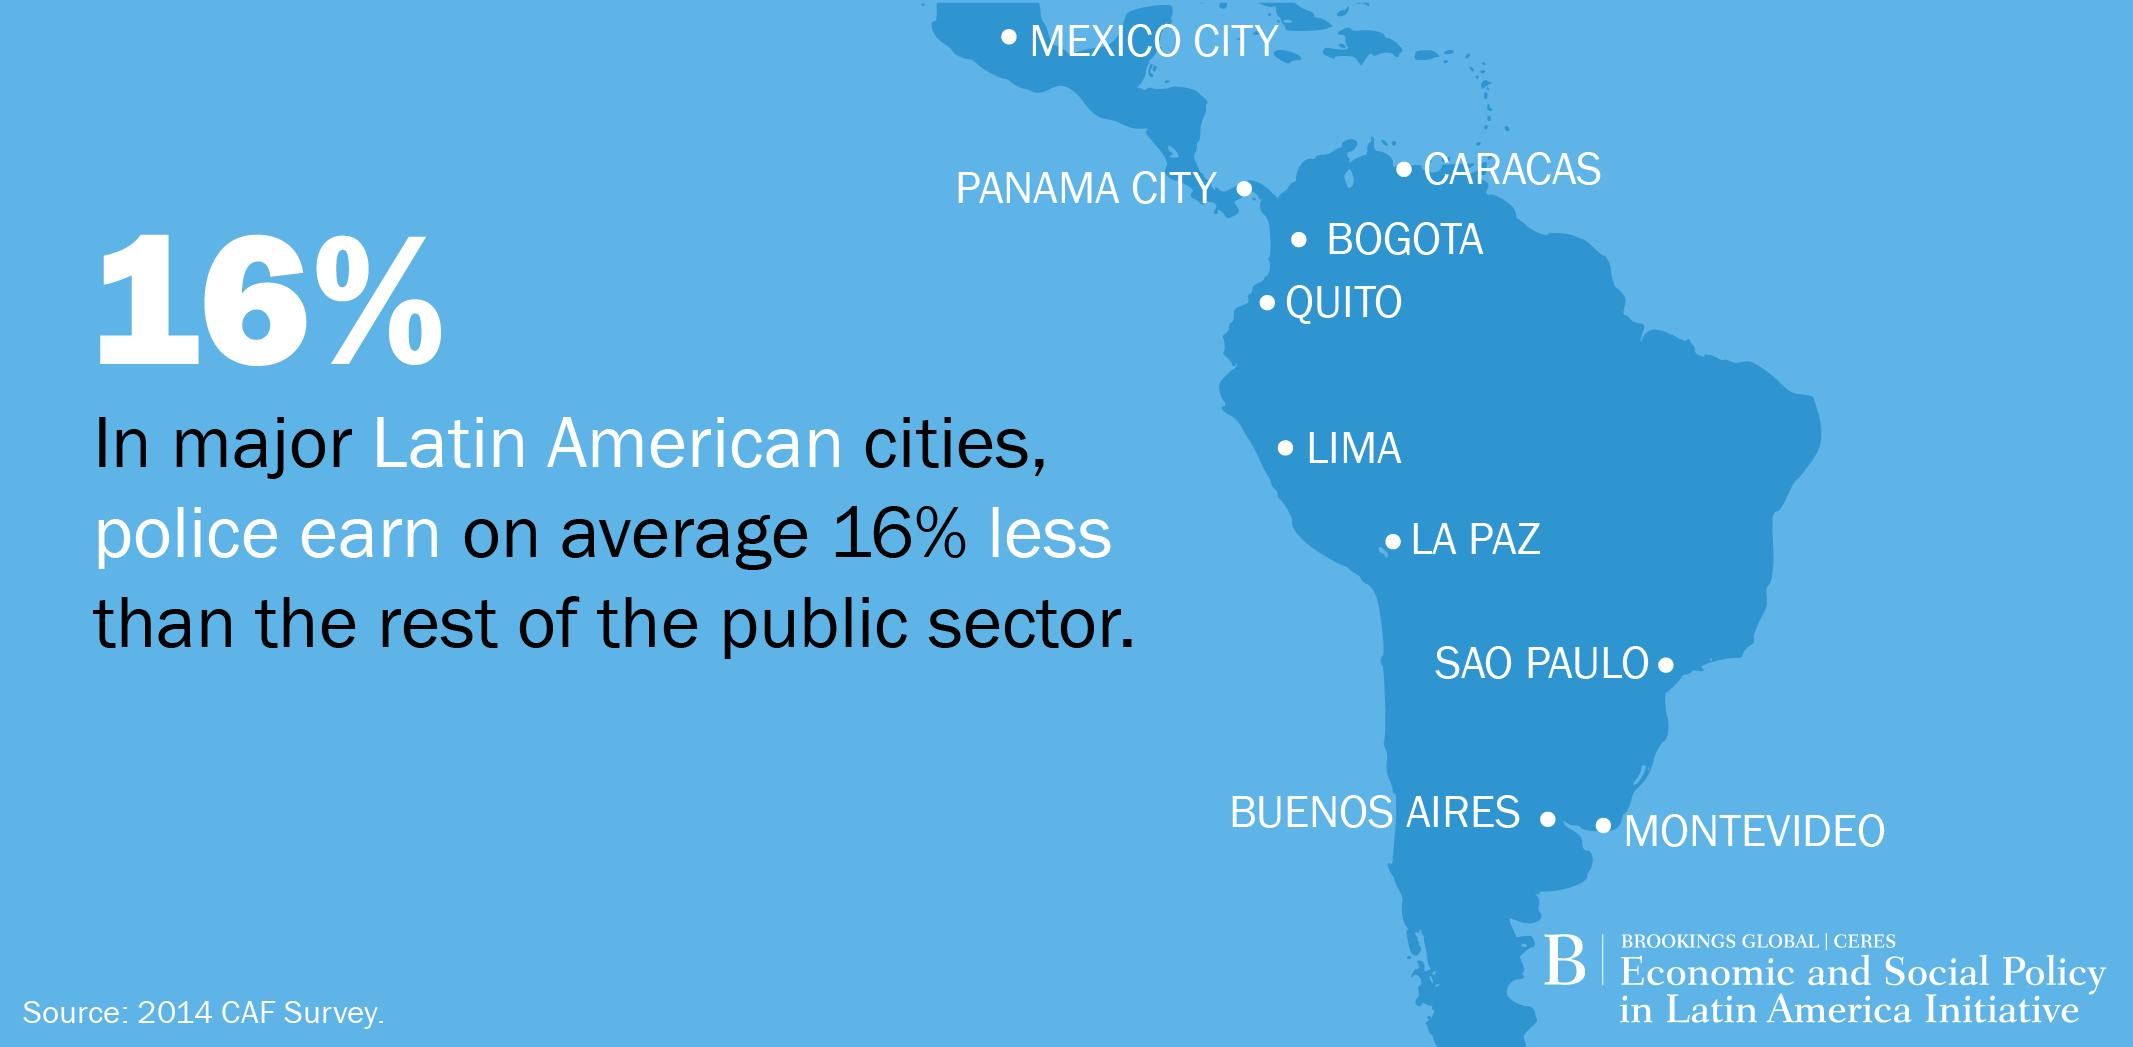 The challenge of improving police behavior in Latin America